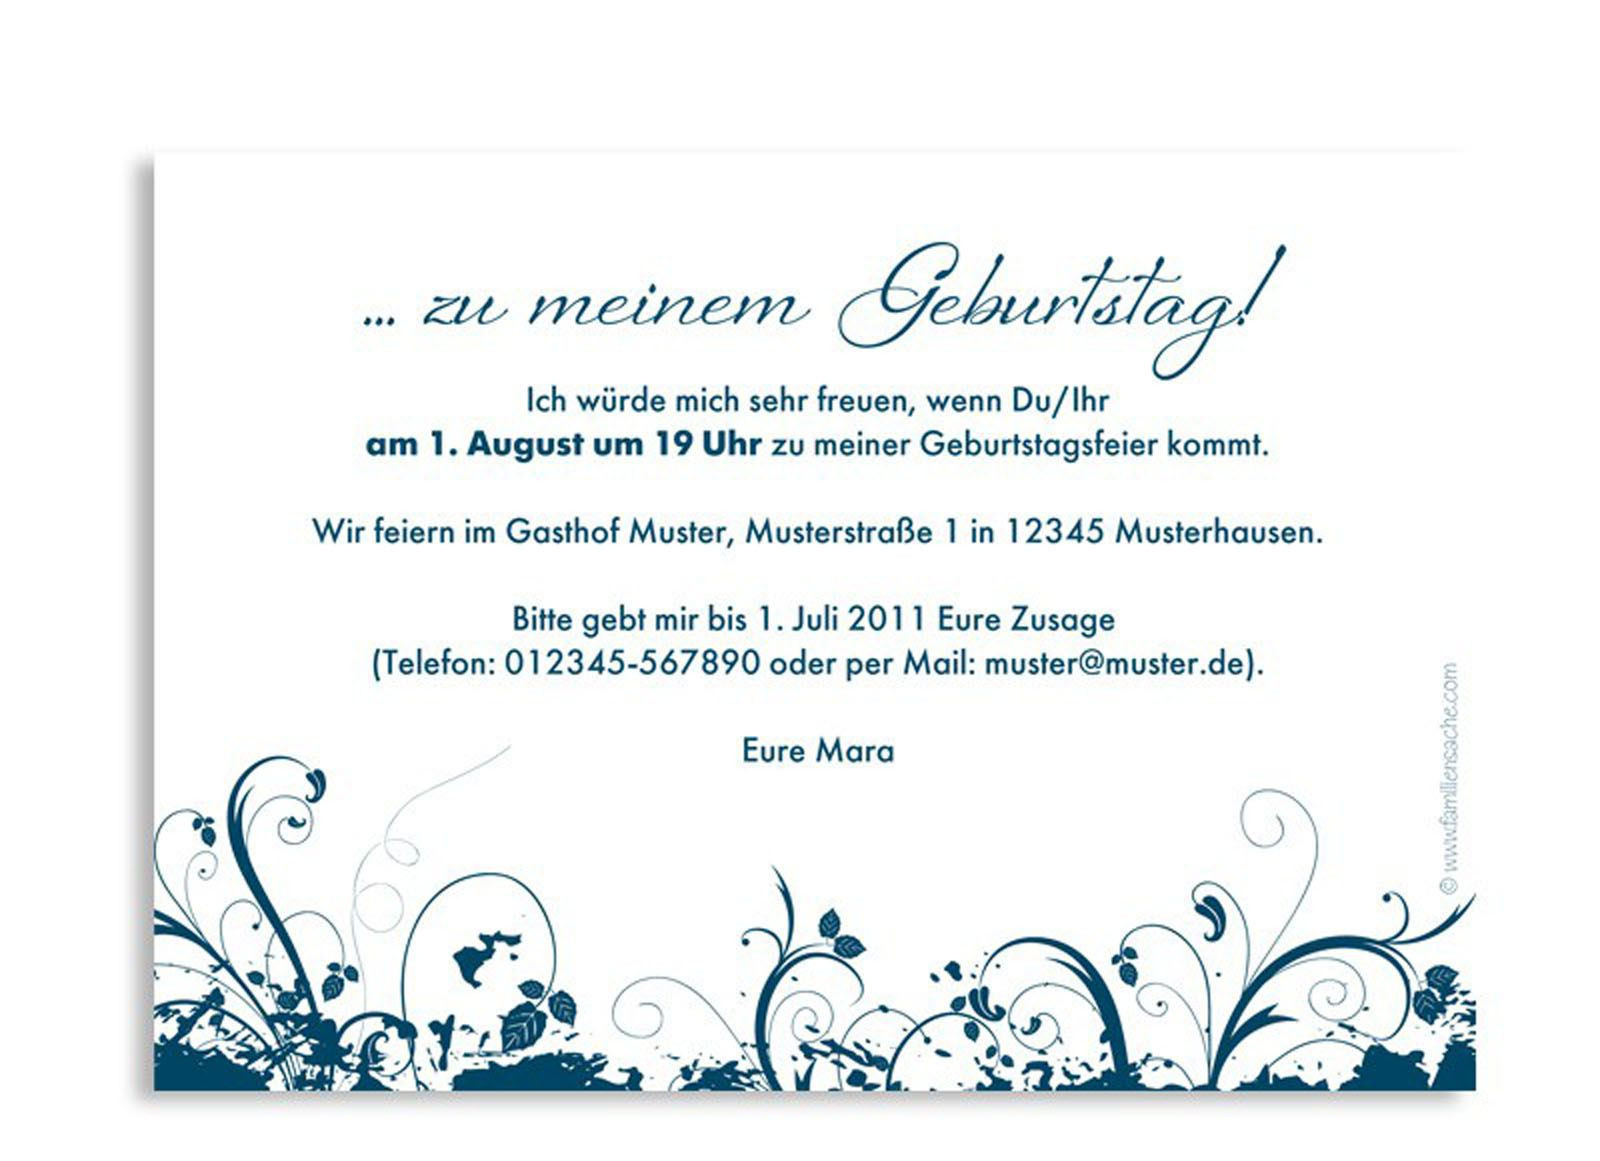 Texte Für Geburtstagskarten  Geburtstag Einladung Text